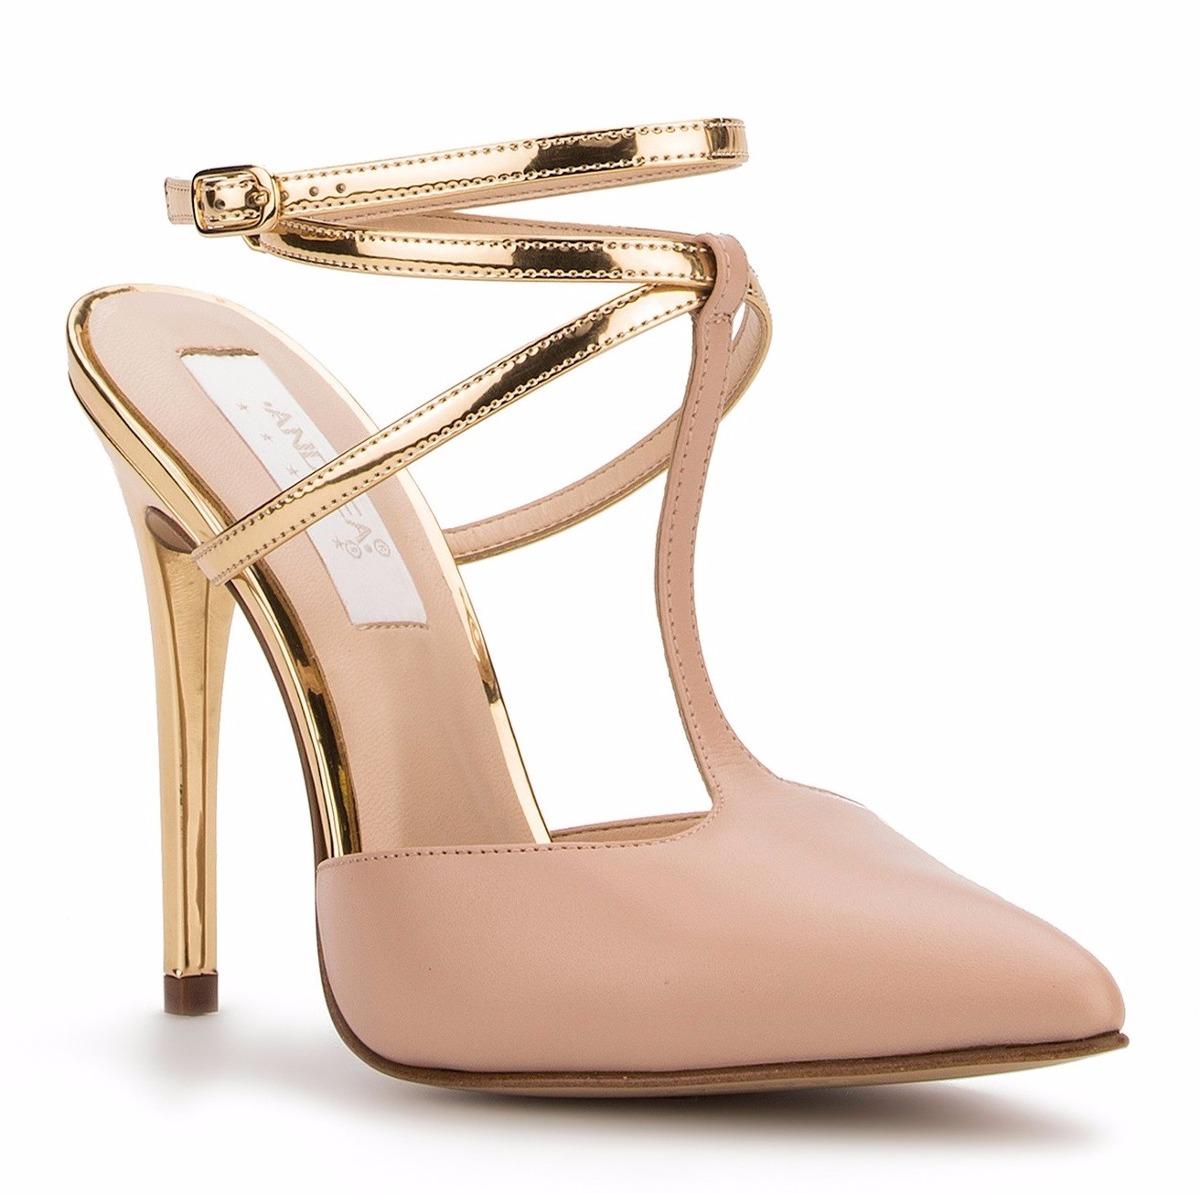 Elegantes zapatillas andrea rosas tac n de aguja dorado for Zapateros elegantes